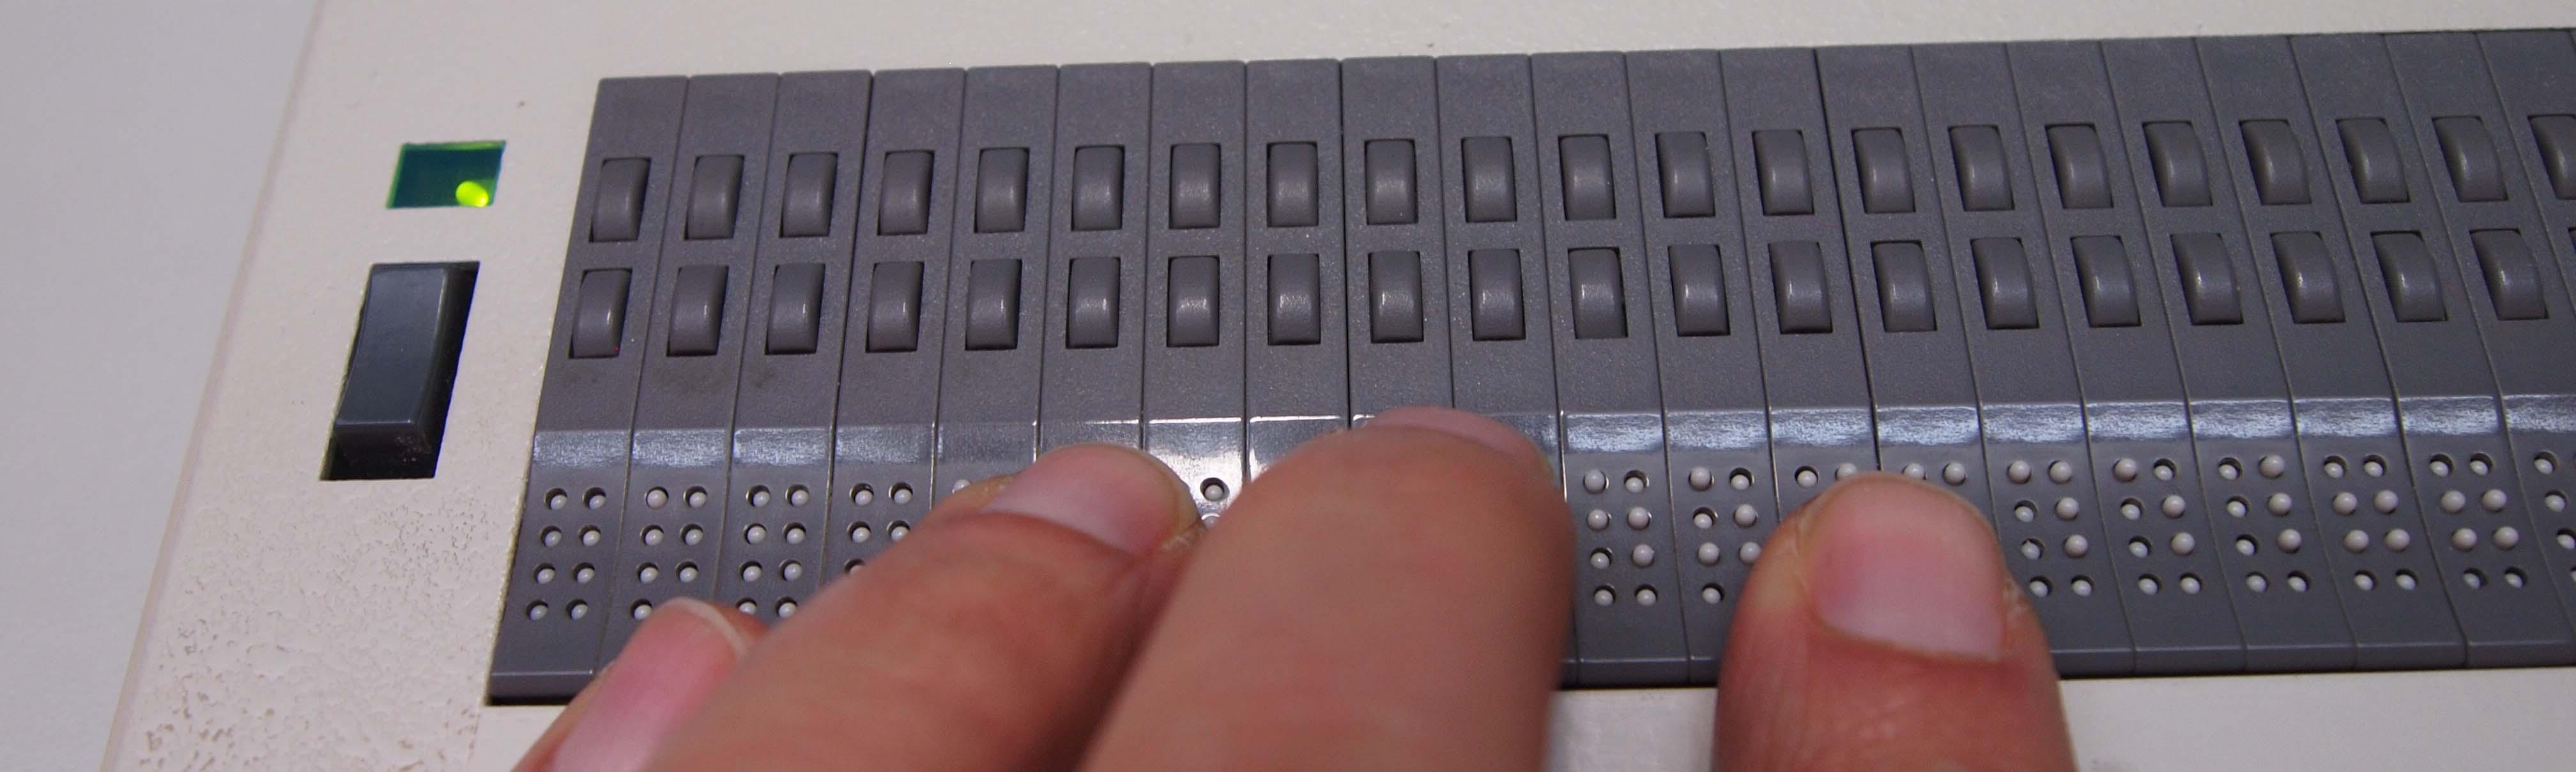 start_braille_display